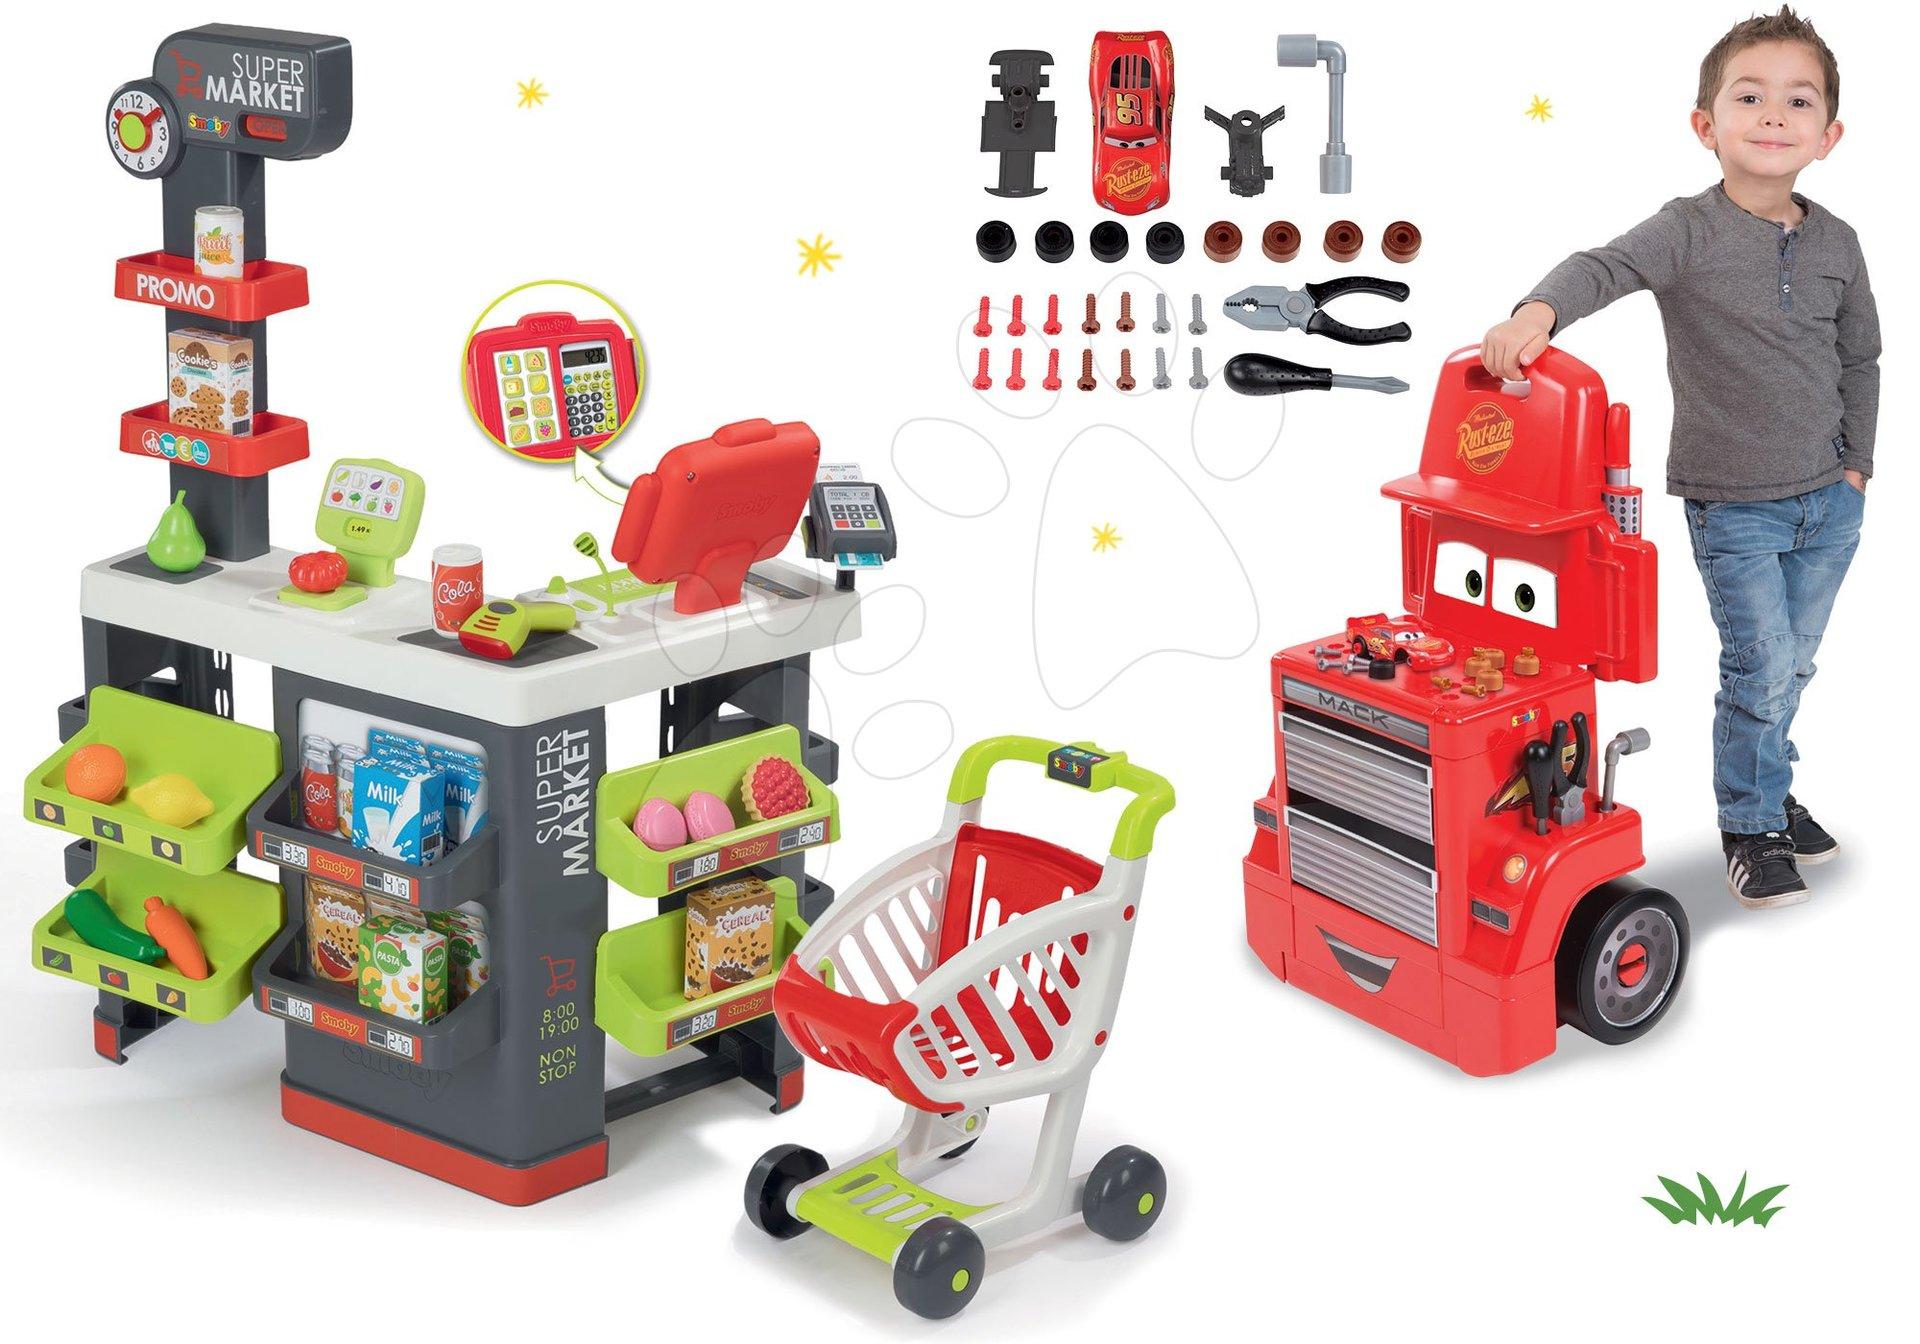 Smoby set obchod s vozíkom Supermarket a pracovná dielňa vozík Autá Mack Truck 35013-13